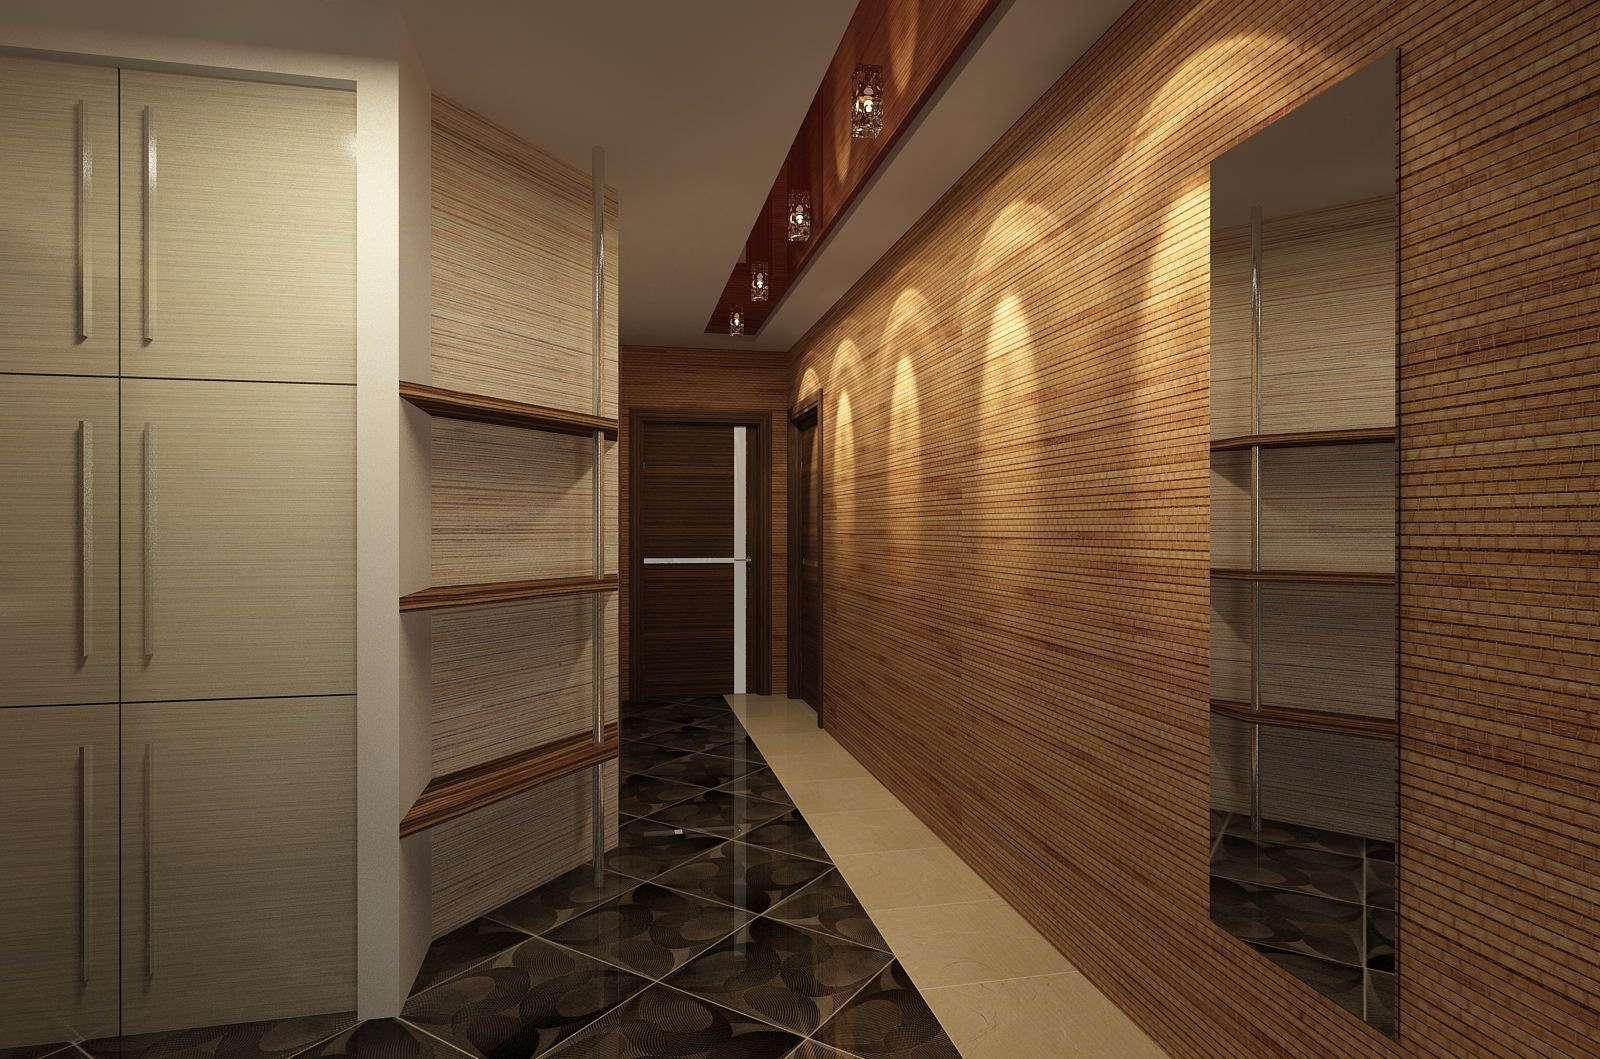 панели пвх в японском стиле интерьера